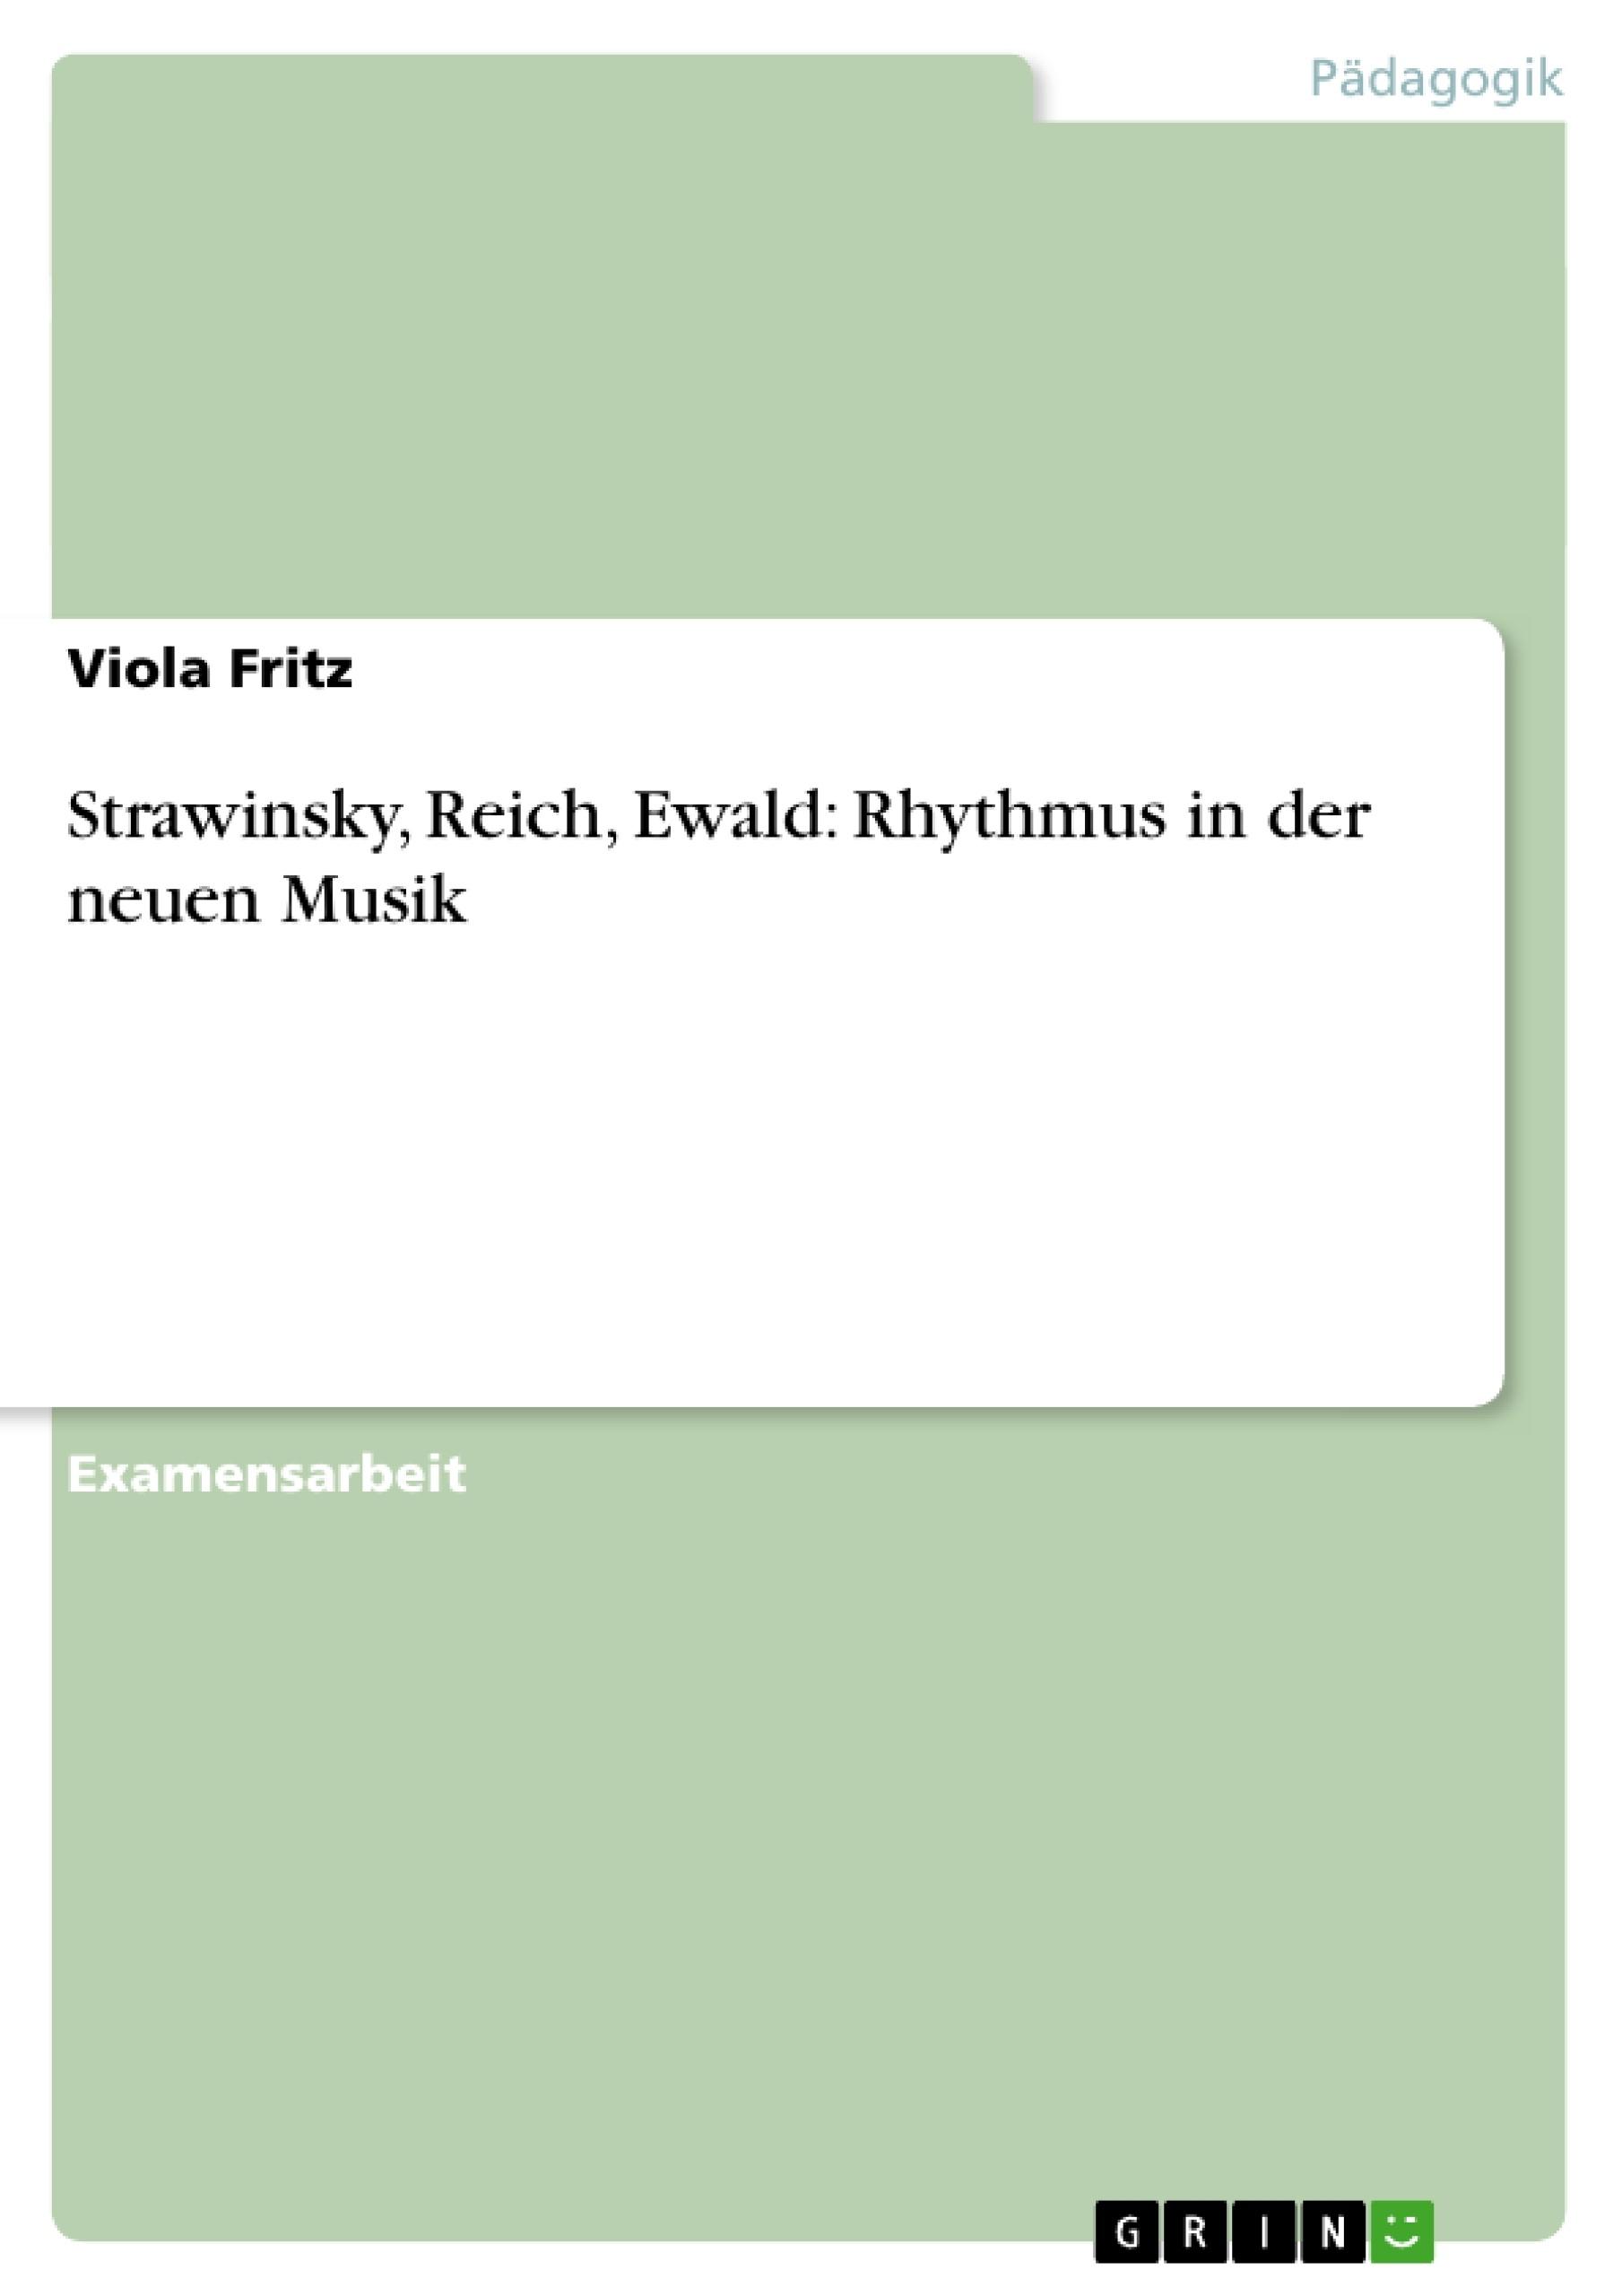 Strawinsky, Reich, Ewald: Rhythmus in der neuen Musik | Masterarbeit ...